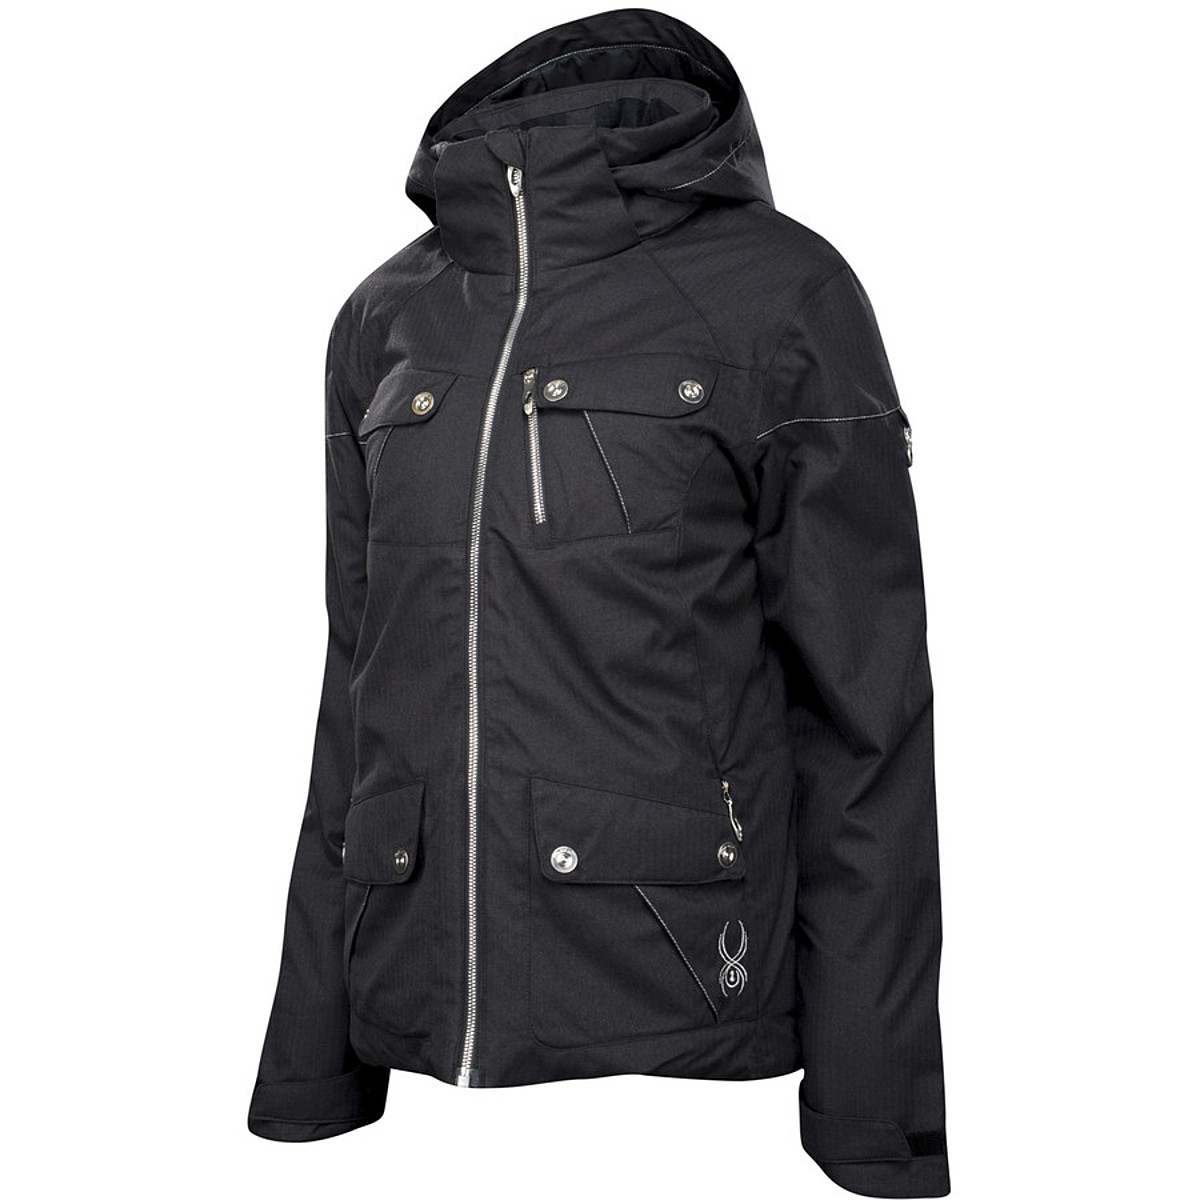 Spyder Evar Jacket